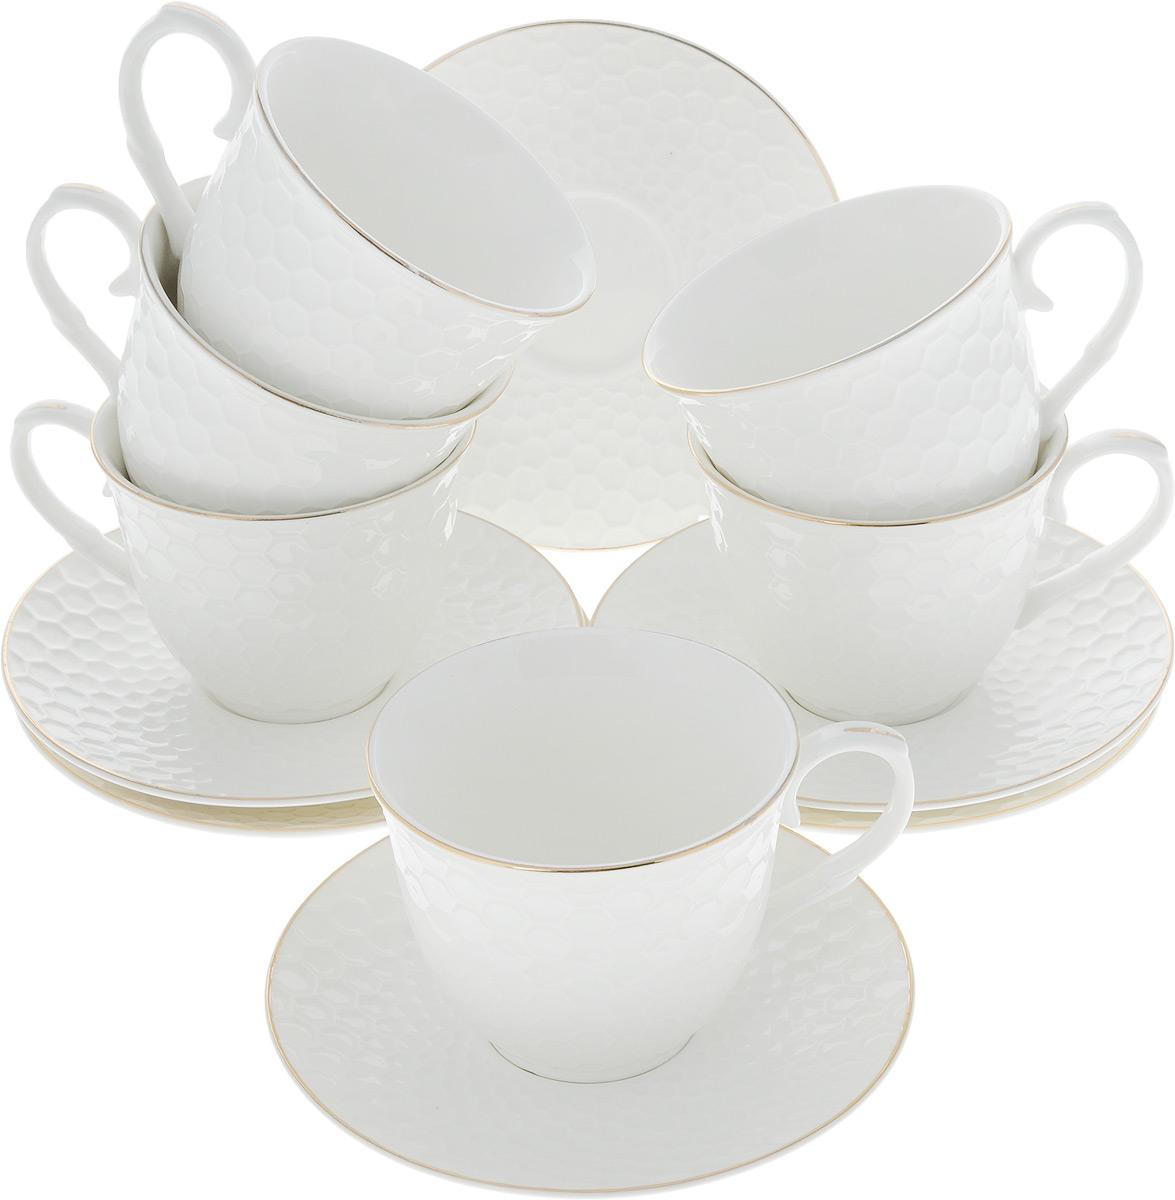 Сервиз чайный Loraine, 12 предметов. 2650626506Чайный сервиз Loraine на 6 персон выполнен из высококачественного костяного фарфора - материала, безопасного для здоровья и надолго сохраняющего тепло напитка. В наборе 6 чашек и 6 блюдец. Несмотря на свою внешнюю хрупкость, каждый из предметов набора обладает высокой прочностью и надежностью. Изделия украшены тонкой золотой каймой и имеют красивый рельеф в виде сот. Такой чайный набор станет украшением стола, а процесс чаепития превратится в одно удовольствие!Набор упакован в подарочную коробку, поэтому его можно преподнести в качестве оригинального и практичного подарка для своих родных и самых близких. Объем чашки: 200 мл. Диаметр чашки (по верхнему краю): 8,5 см. Высота чашки: 7 см. Диаметр блюдца: 13,5 см.